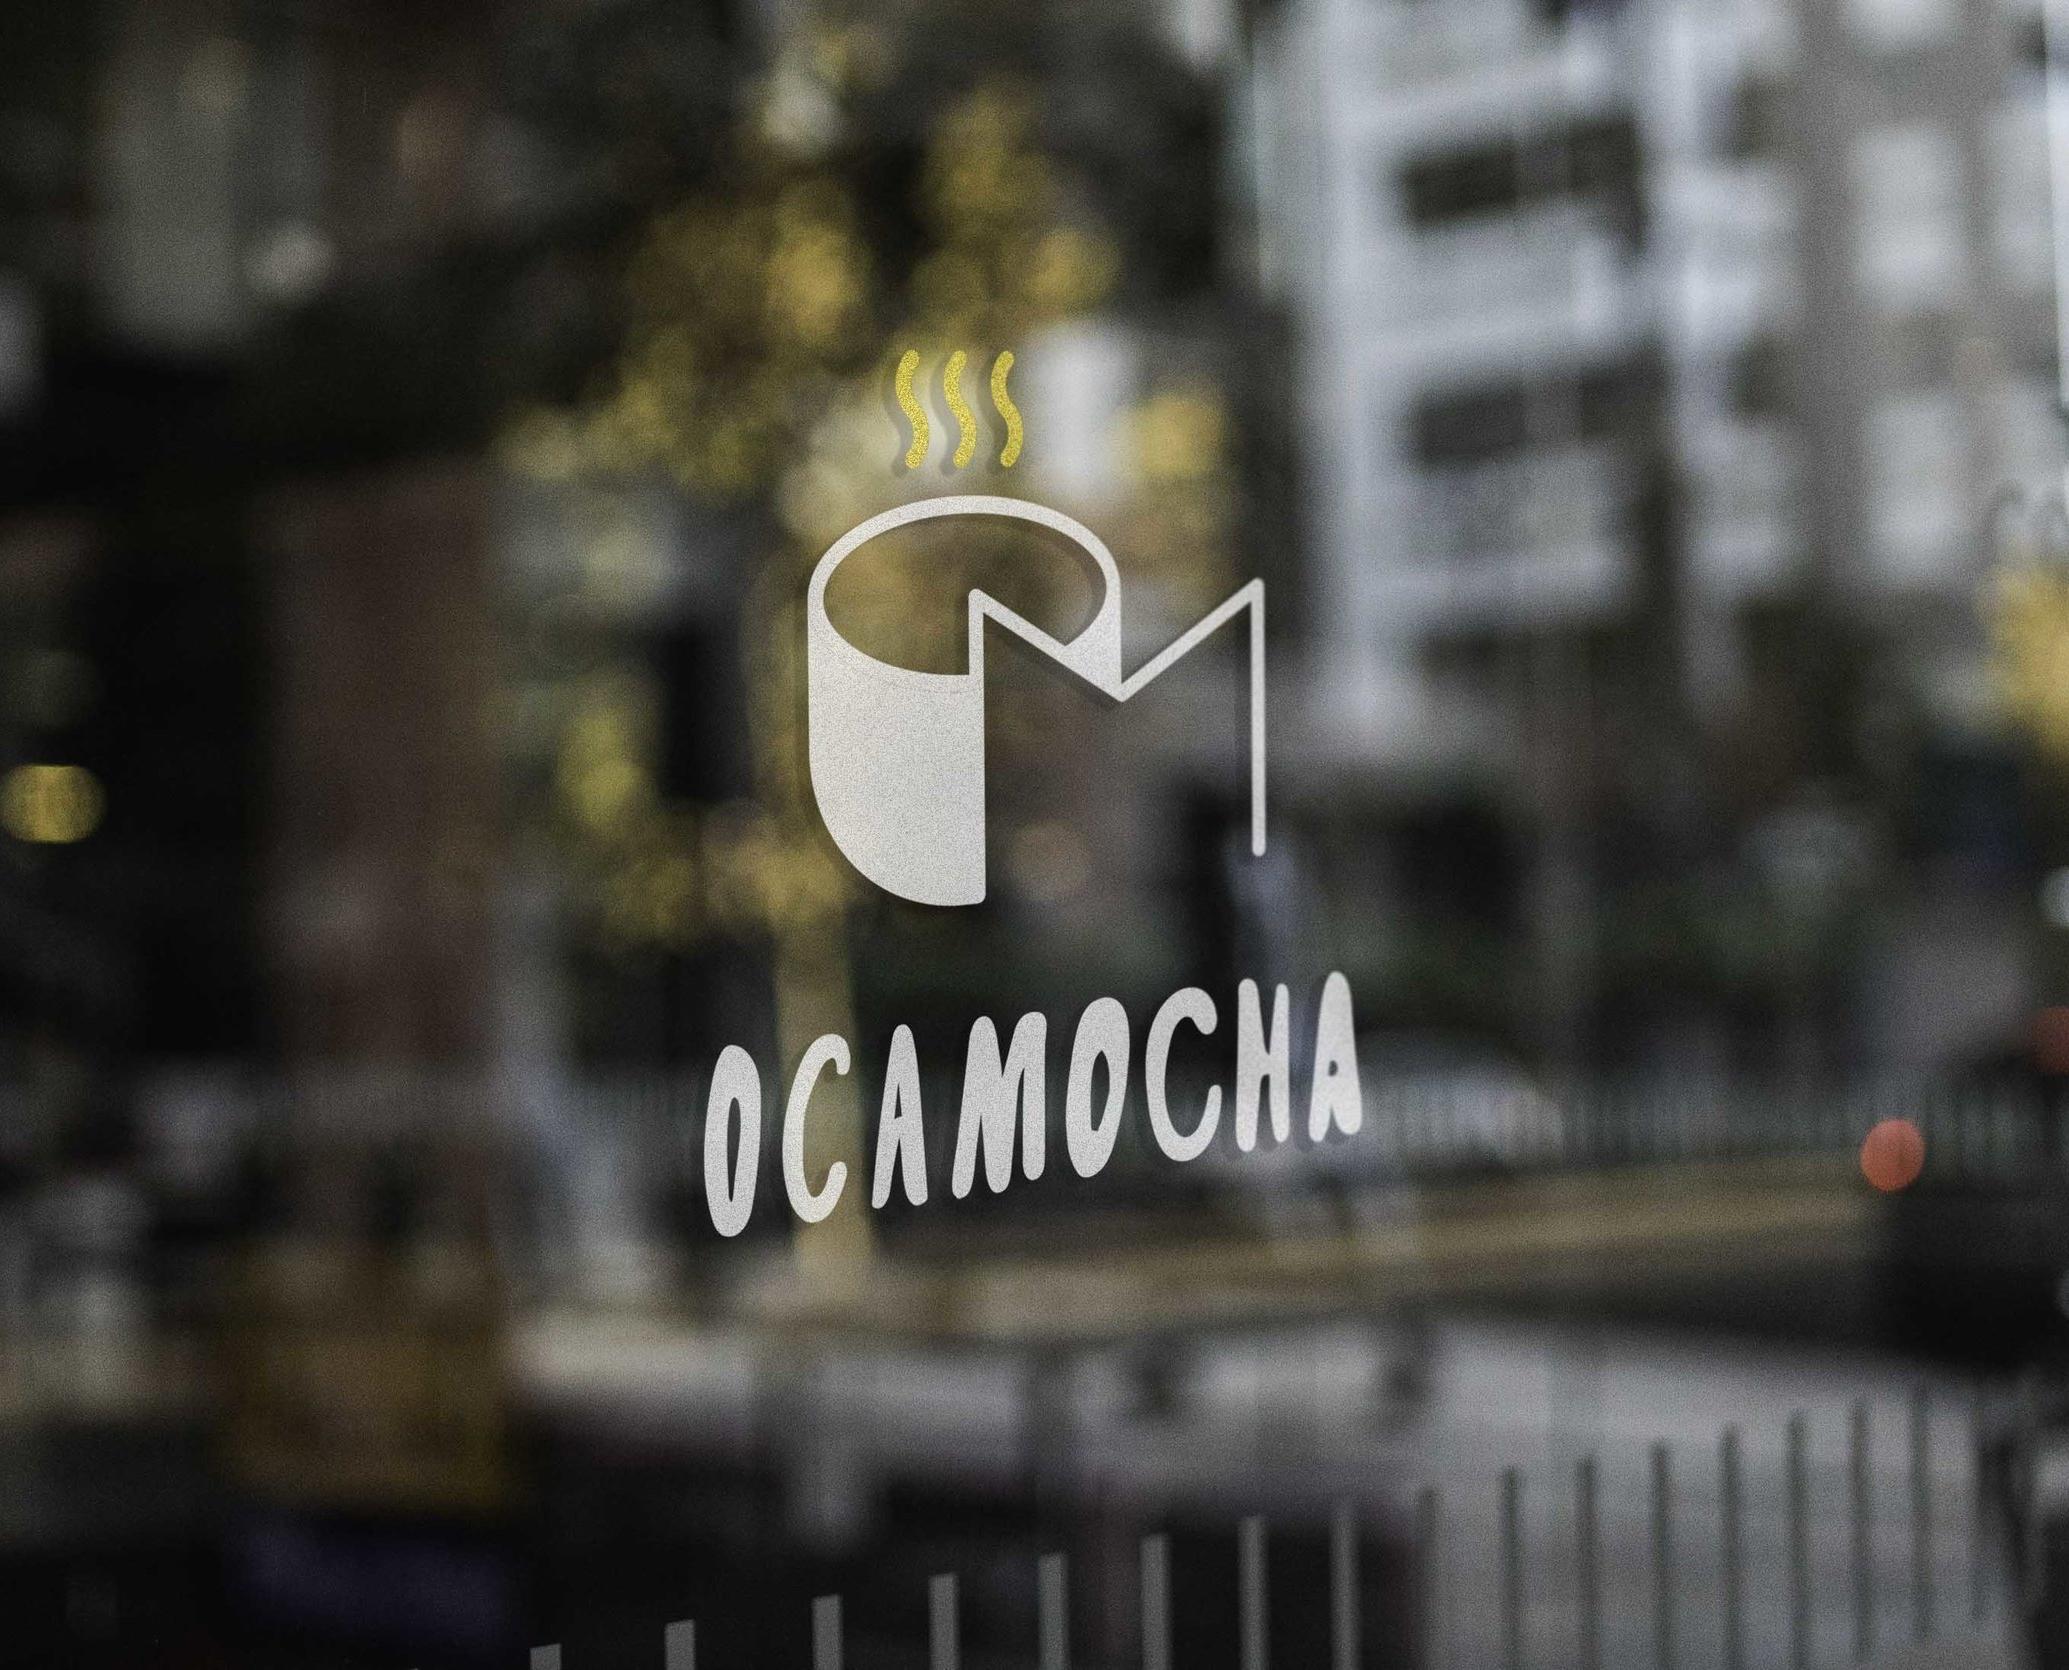 OCAMocha Storefront